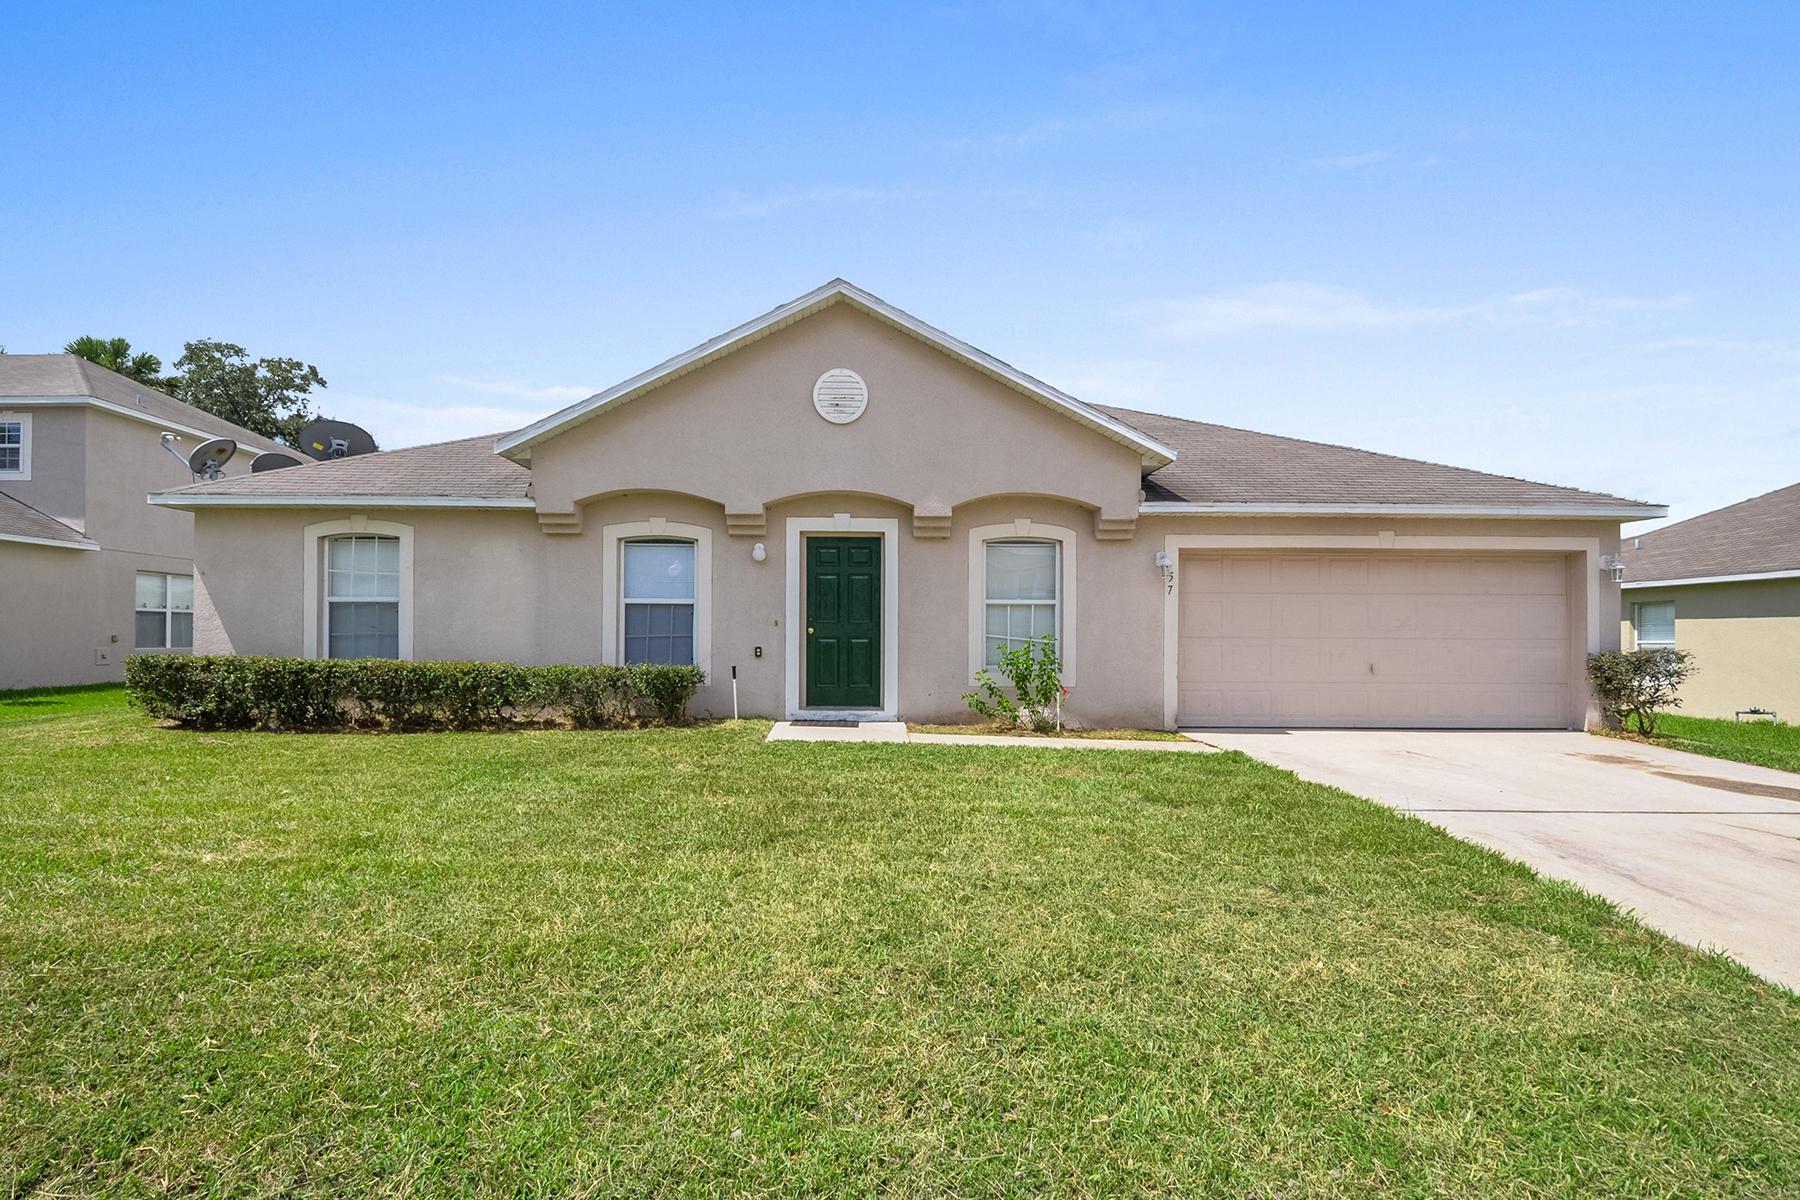 獨棟家庭住宅 為 出售 在 WINTER GARDEN 57 Timbercreek Pines Cir Winter Garden, 佛羅里達州, 34787 美國